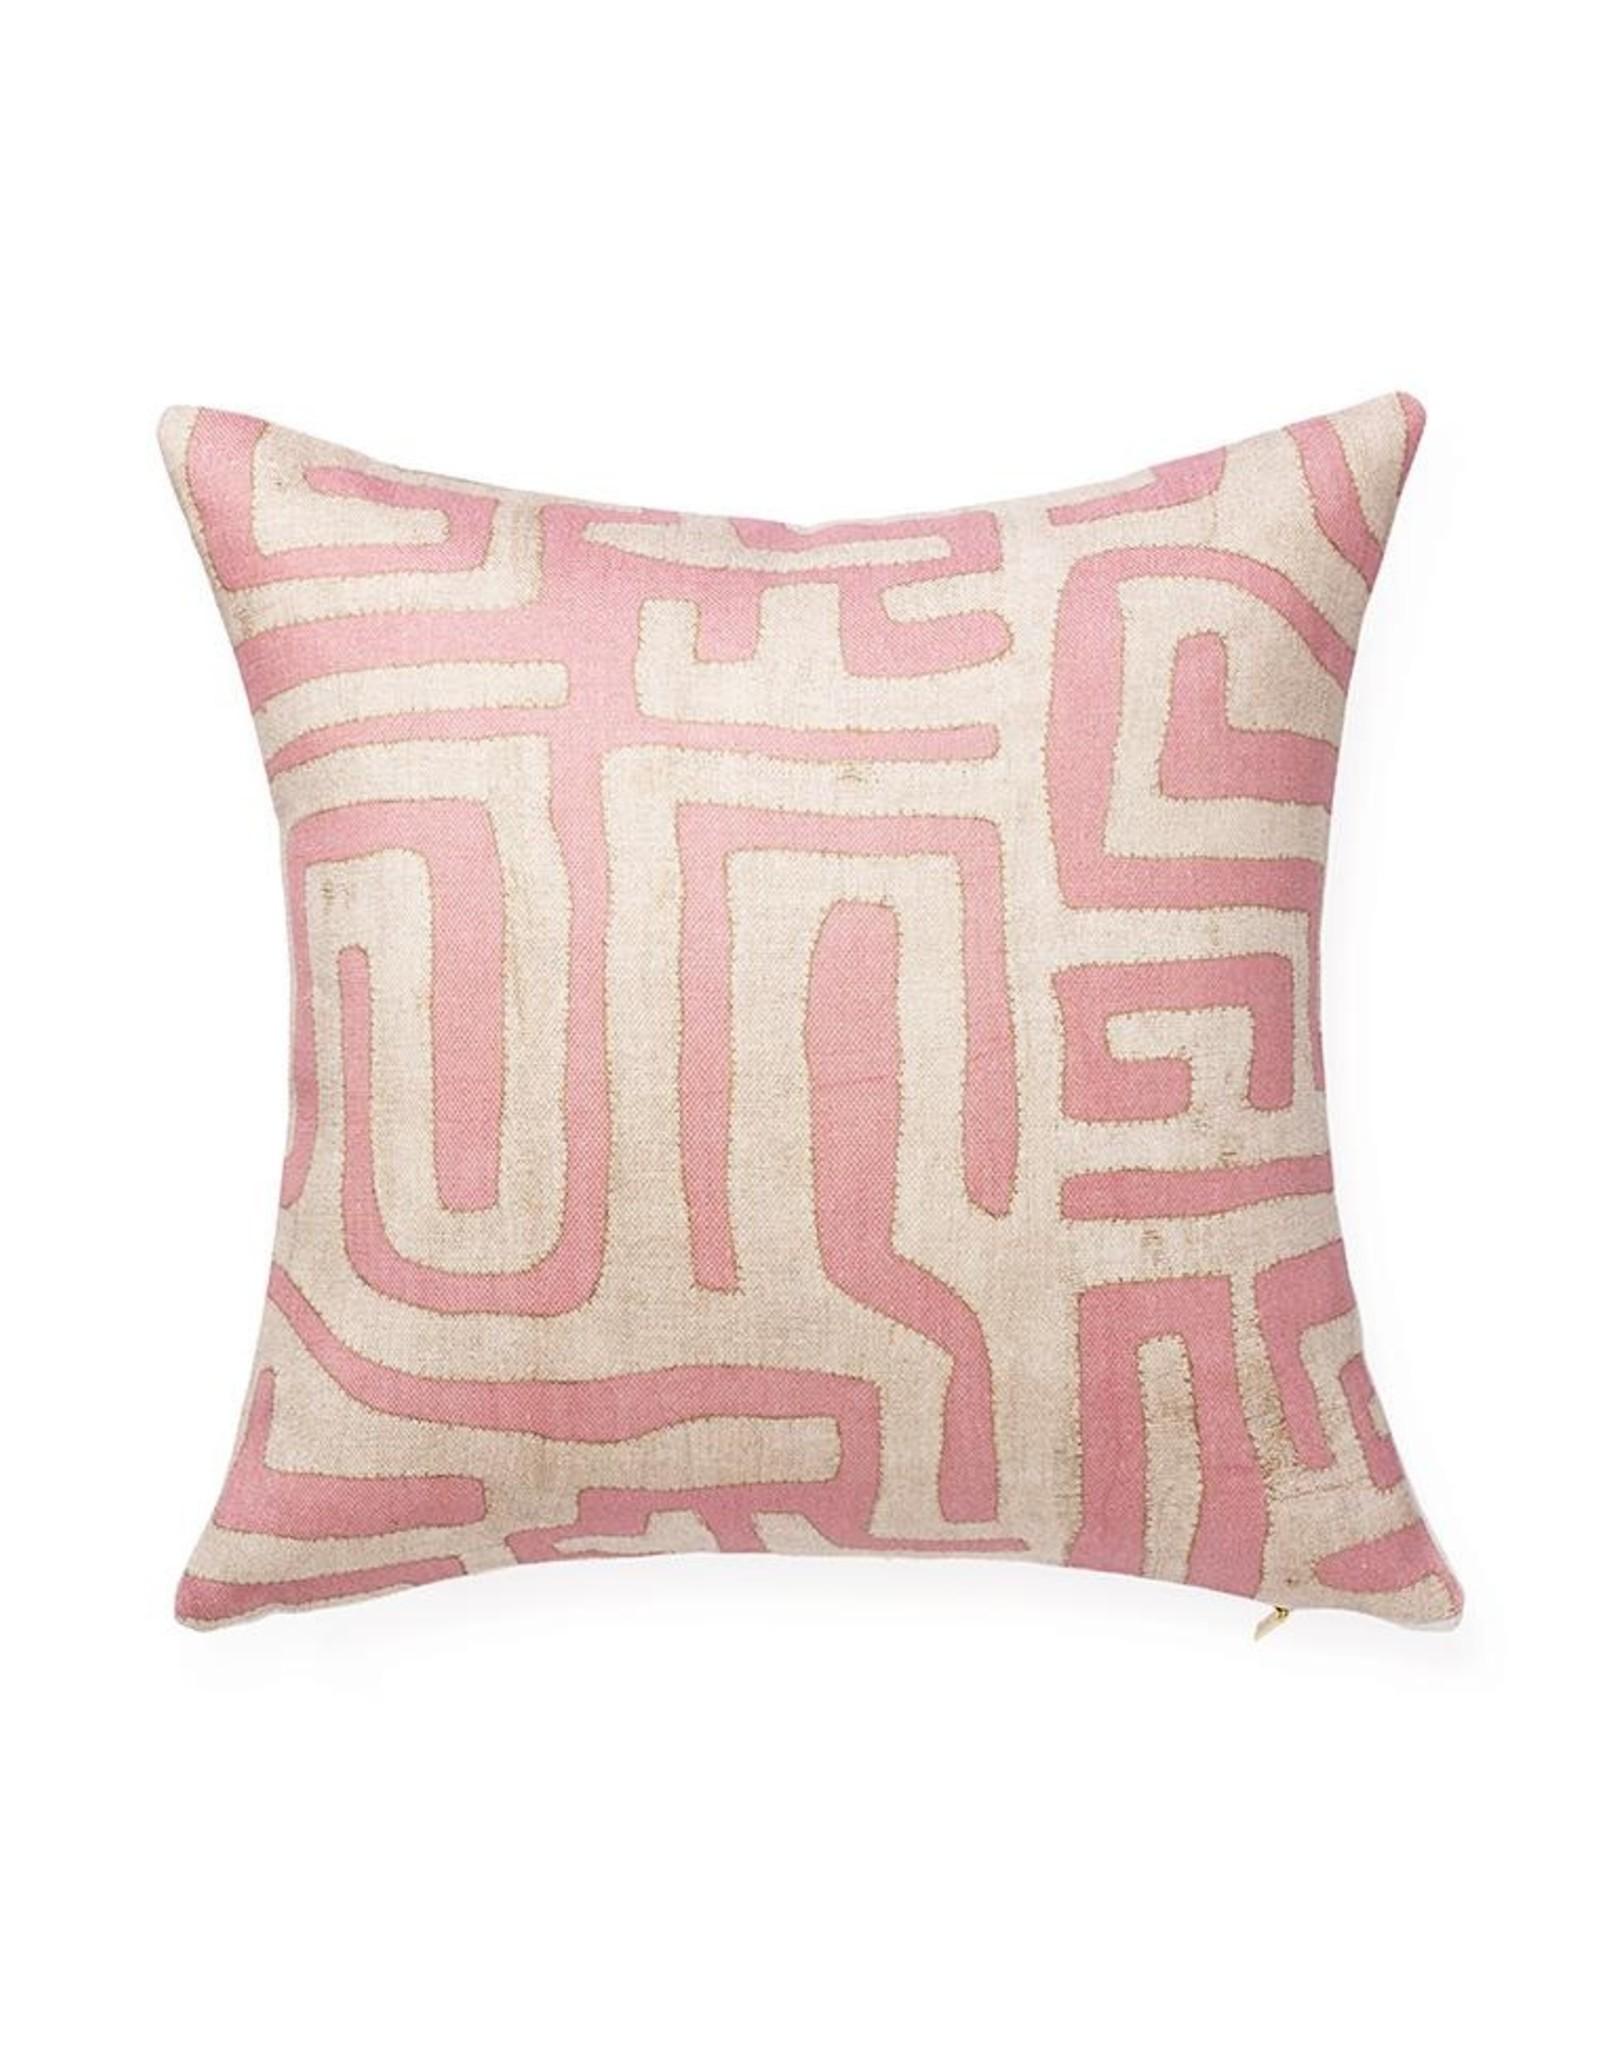 St. Frank Pink Kuba Pillow 18x18